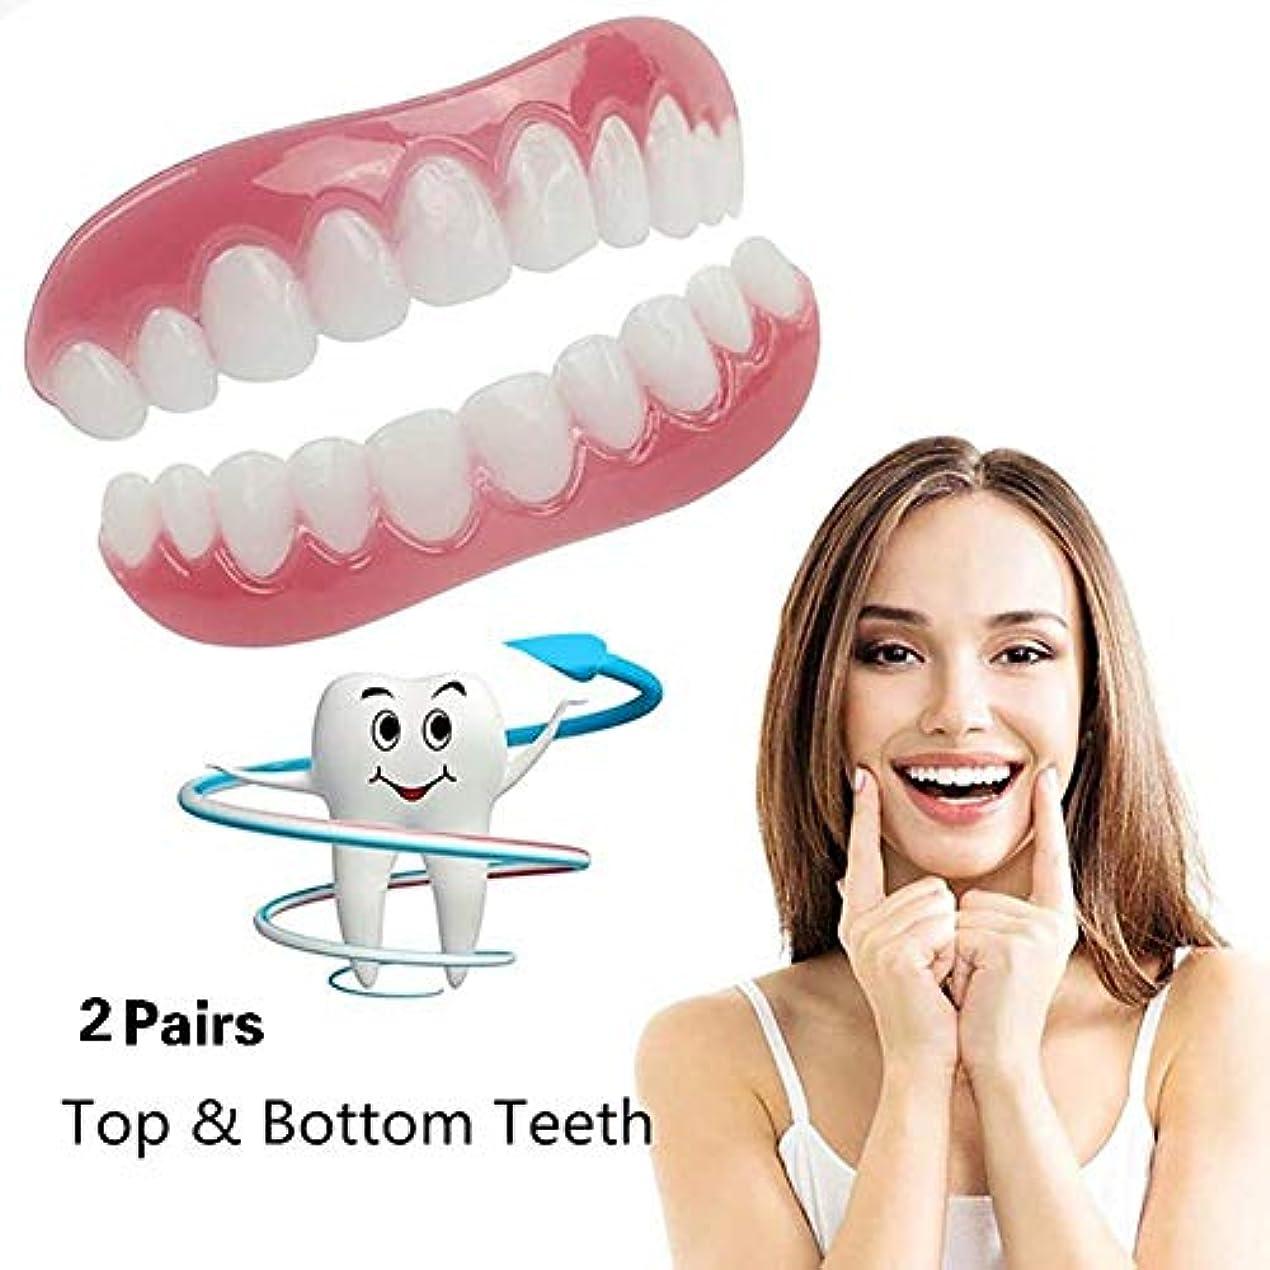 グラフ千視線2対のシリコーンの歯のベニヤの歯の快適さのフィットフレックス化粧品の歯義歯の歯のトップとボトム化粧品のベニヤのシミュレーションのブレースワンサイズフィットすべて